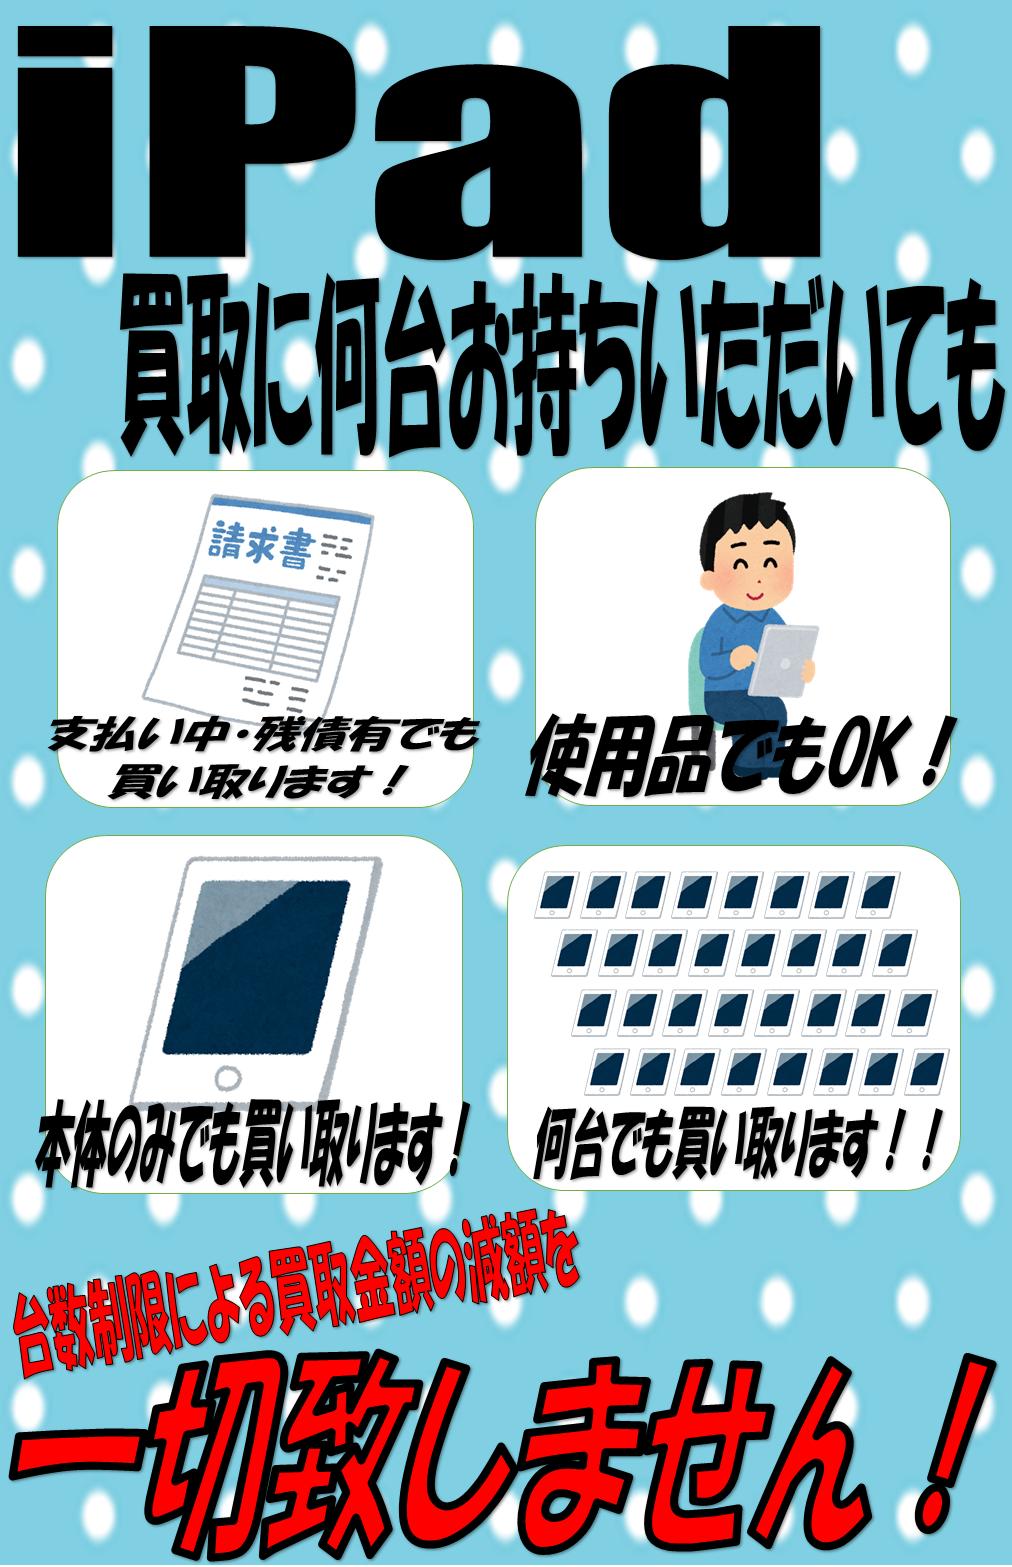 iPad③